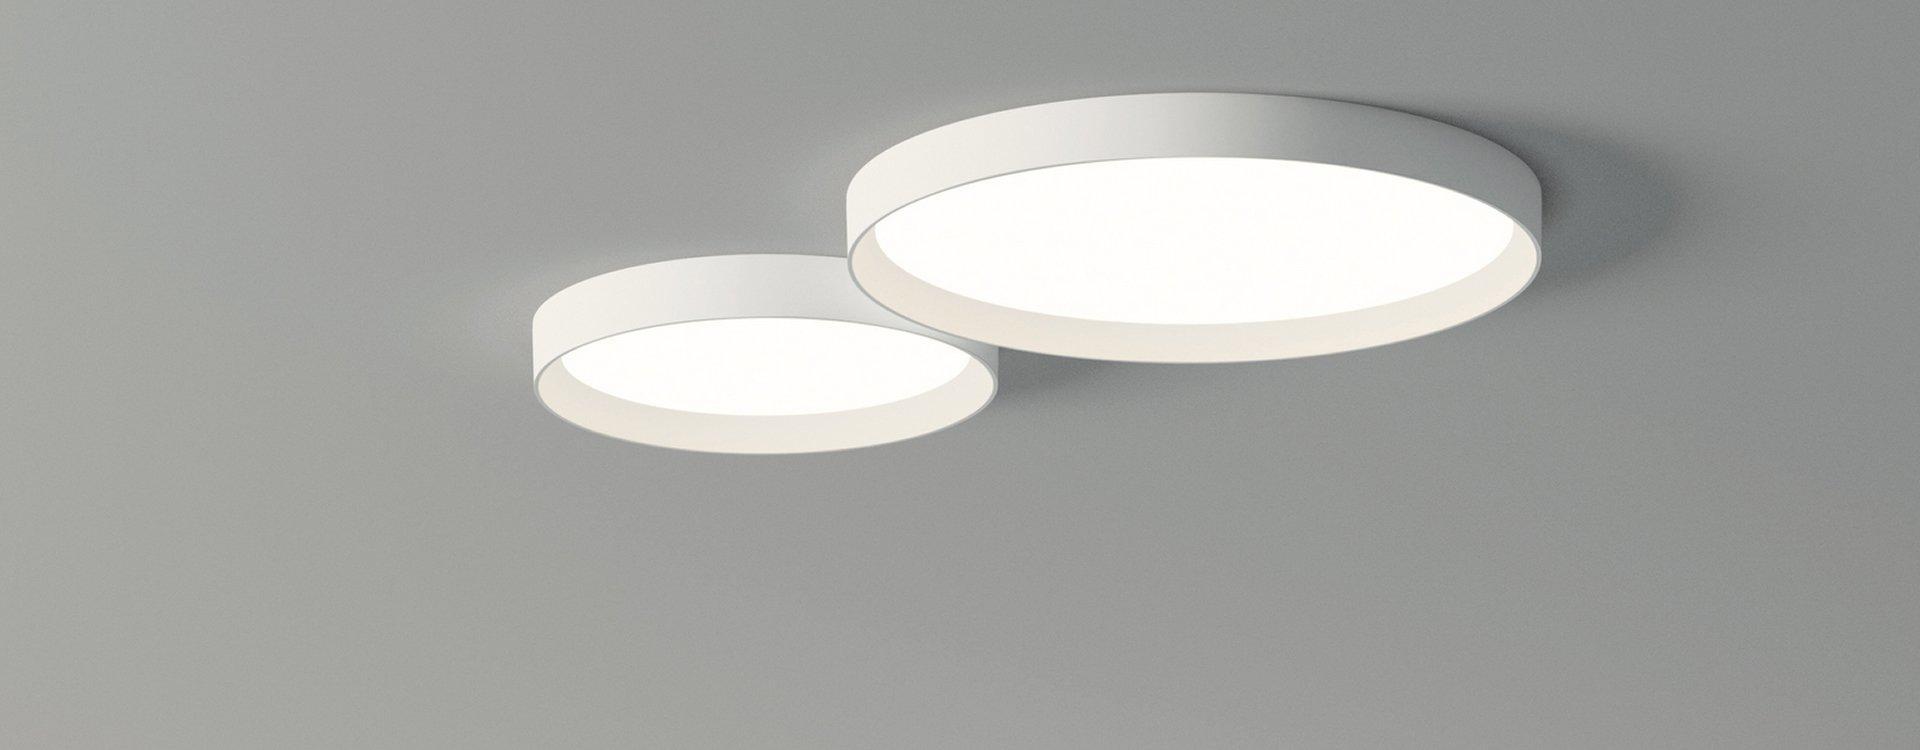 Up deckeleuchte pequeño 1 x platte LED 30w - Lackiert weiss matt